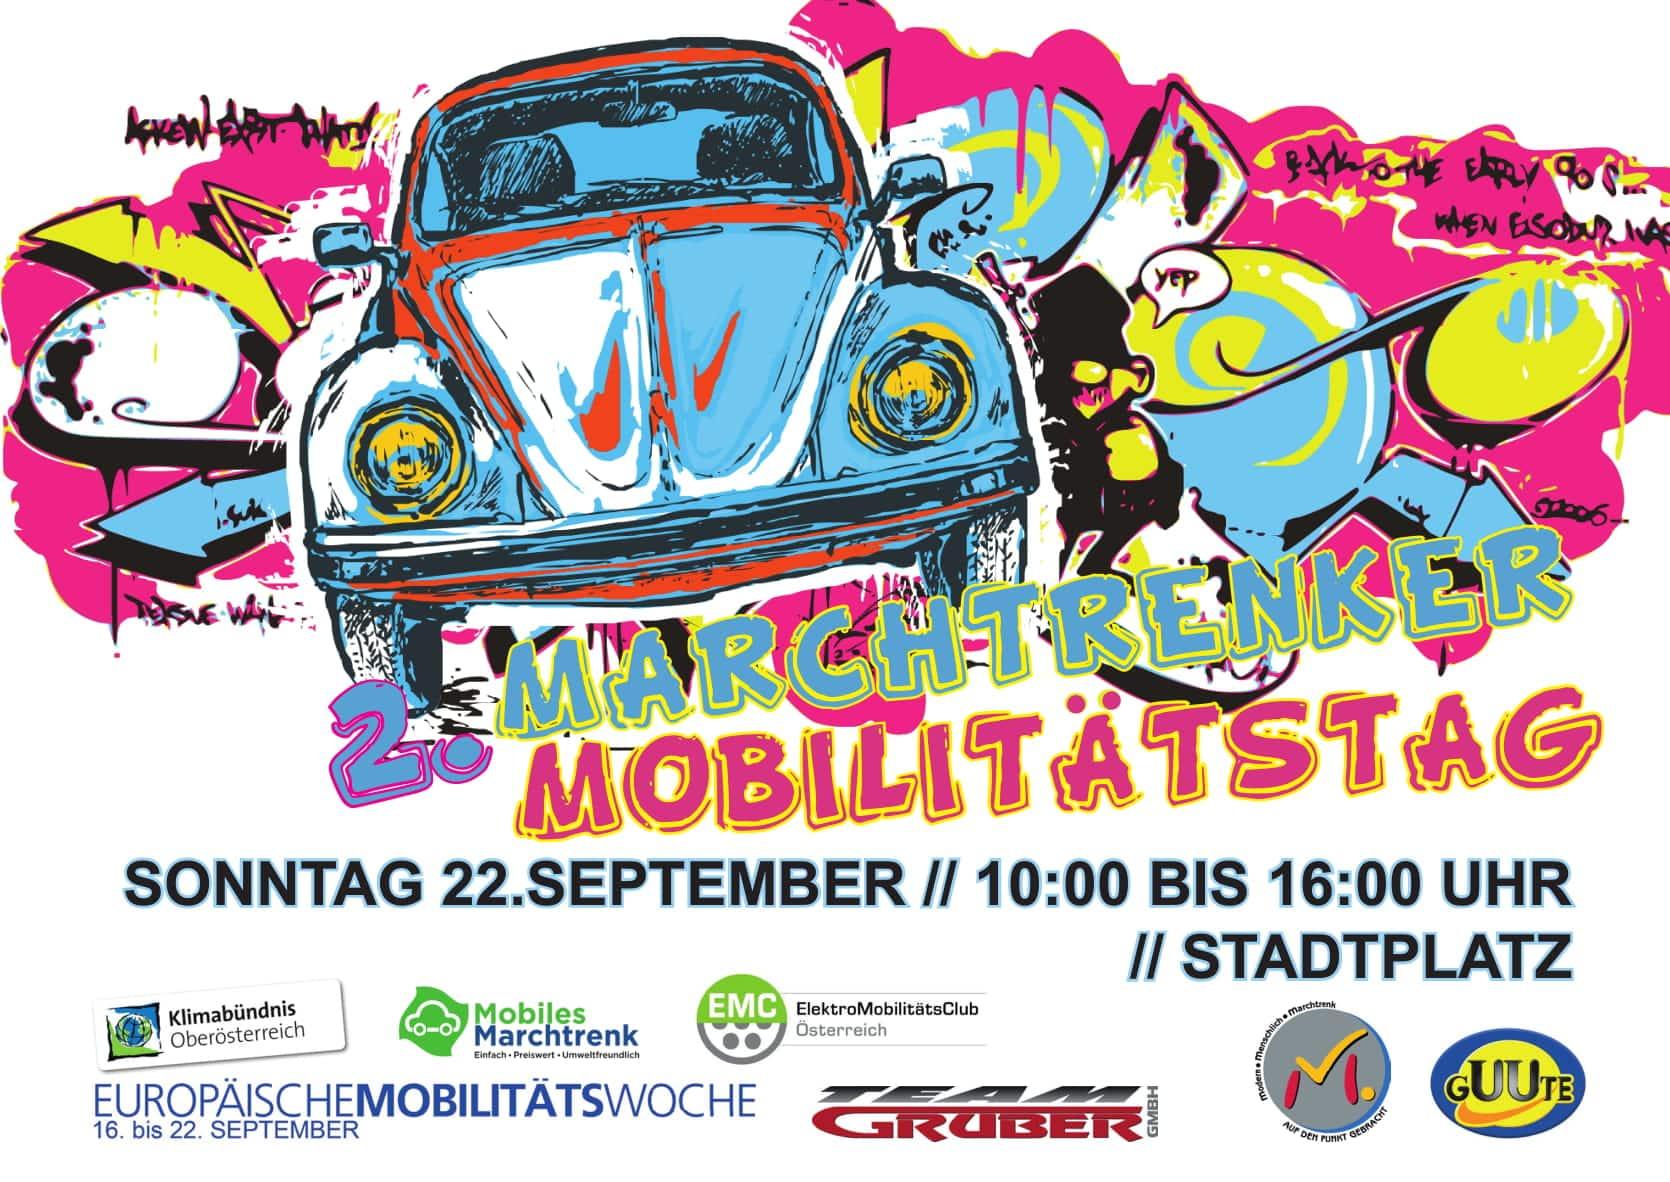 2. Marchtrenker Mobilitätstag » Flyer 1